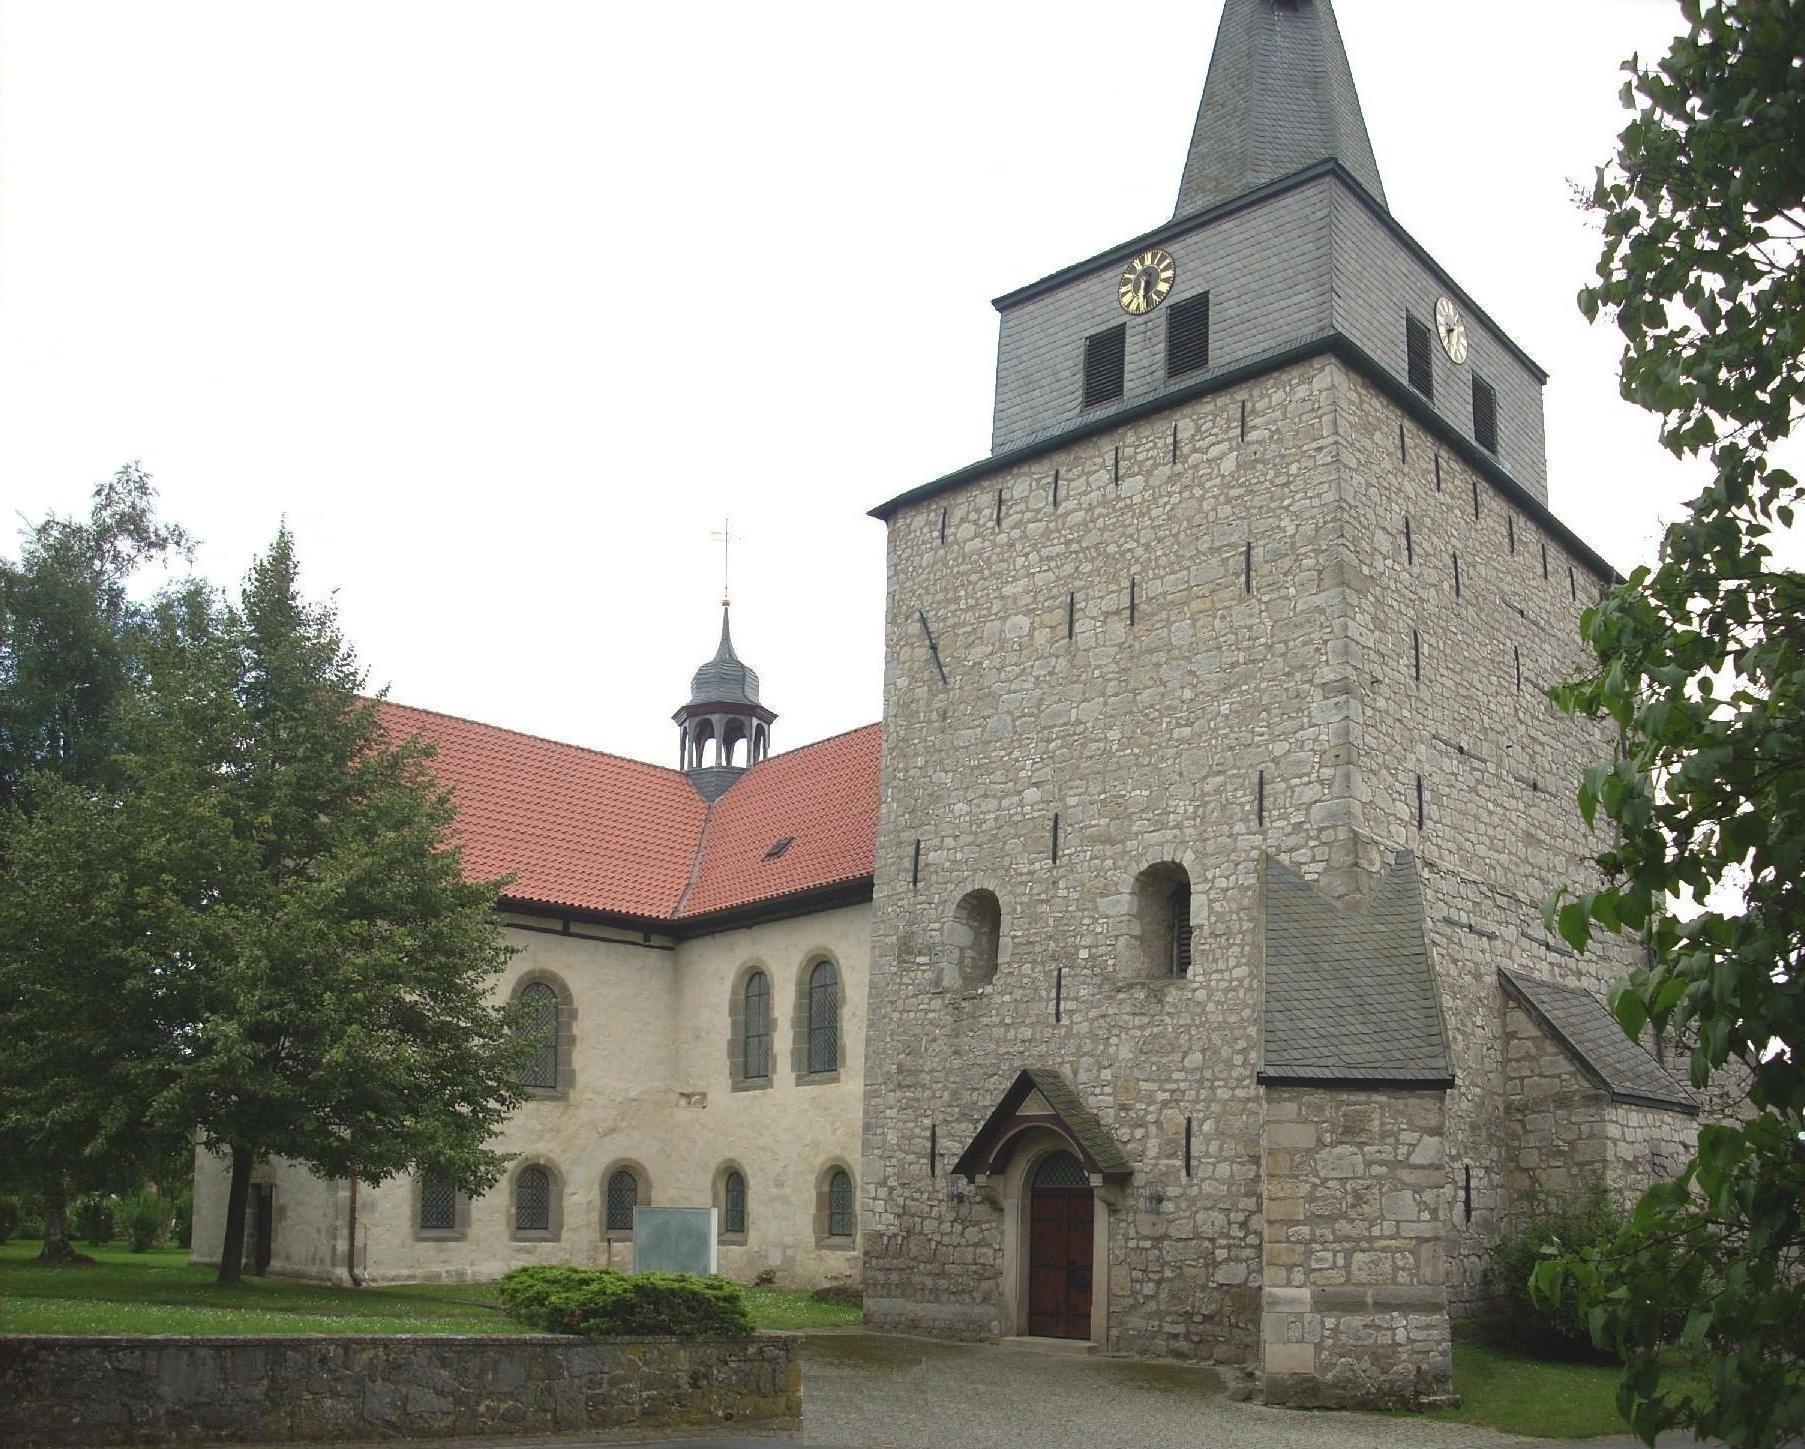 Ev Landeskirche Hannover